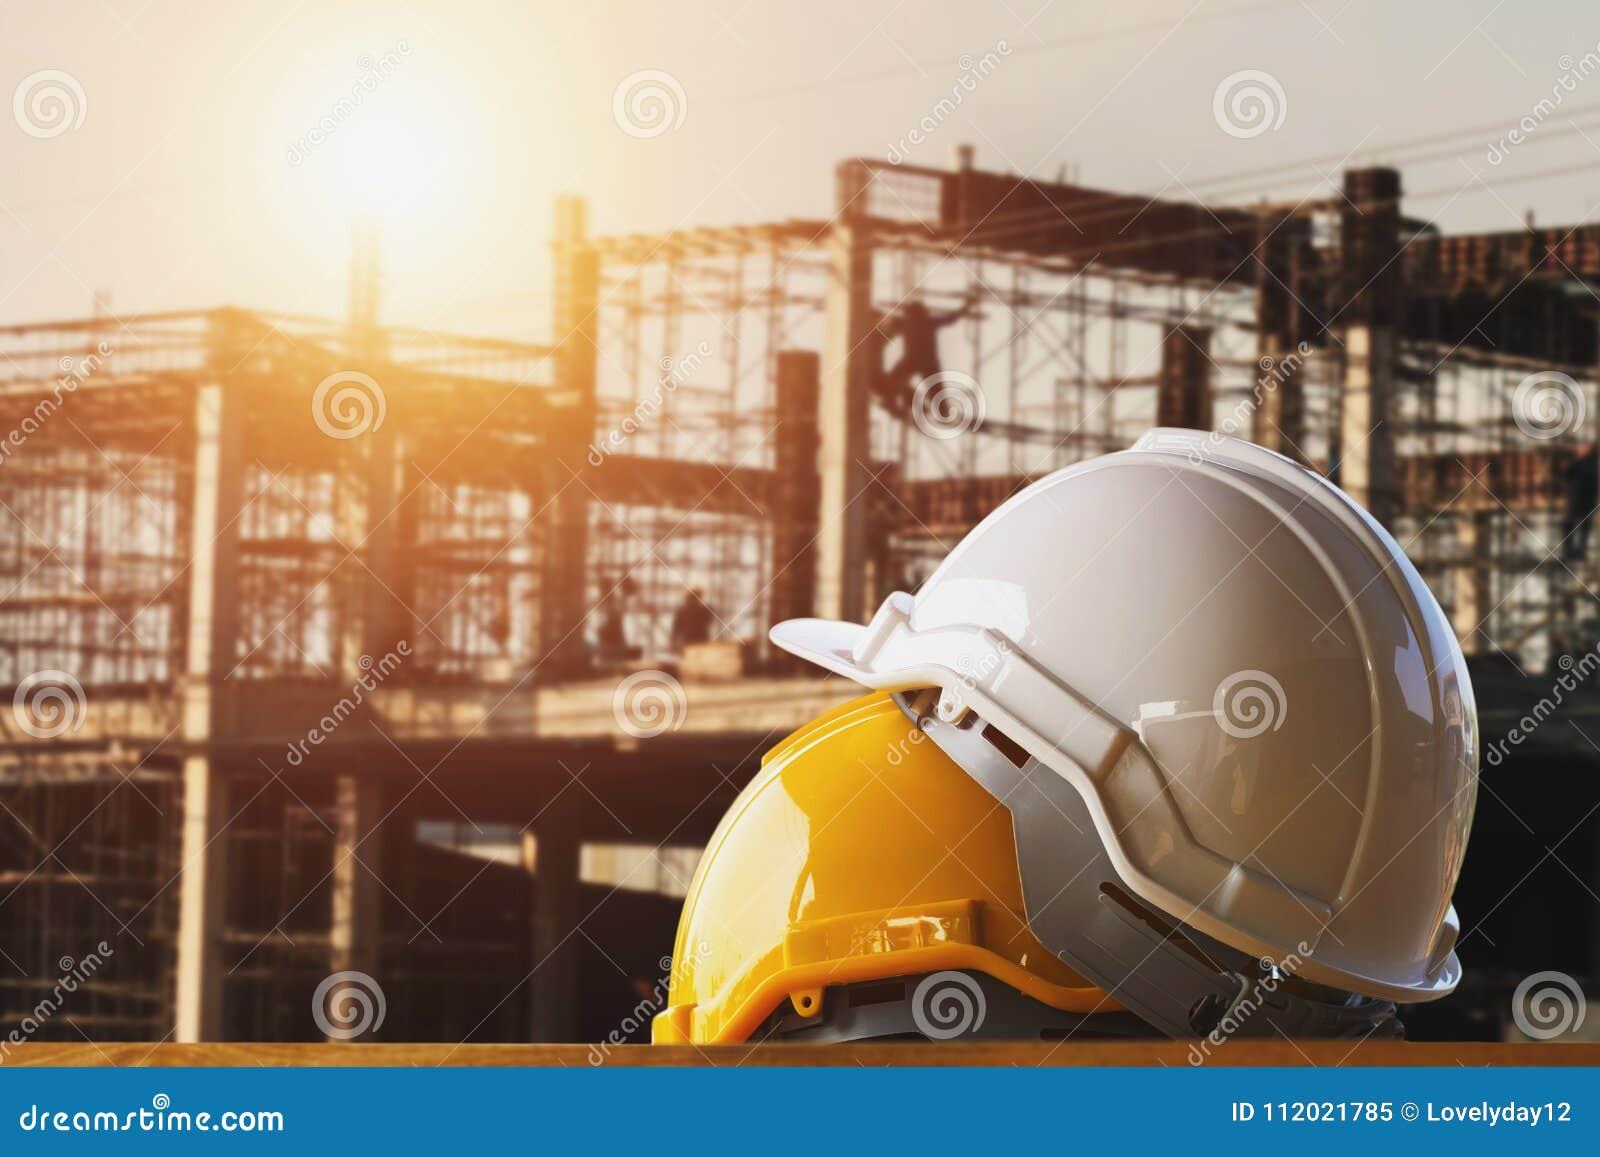 Capacete de segurança branco e amarelo no canteiro de obras